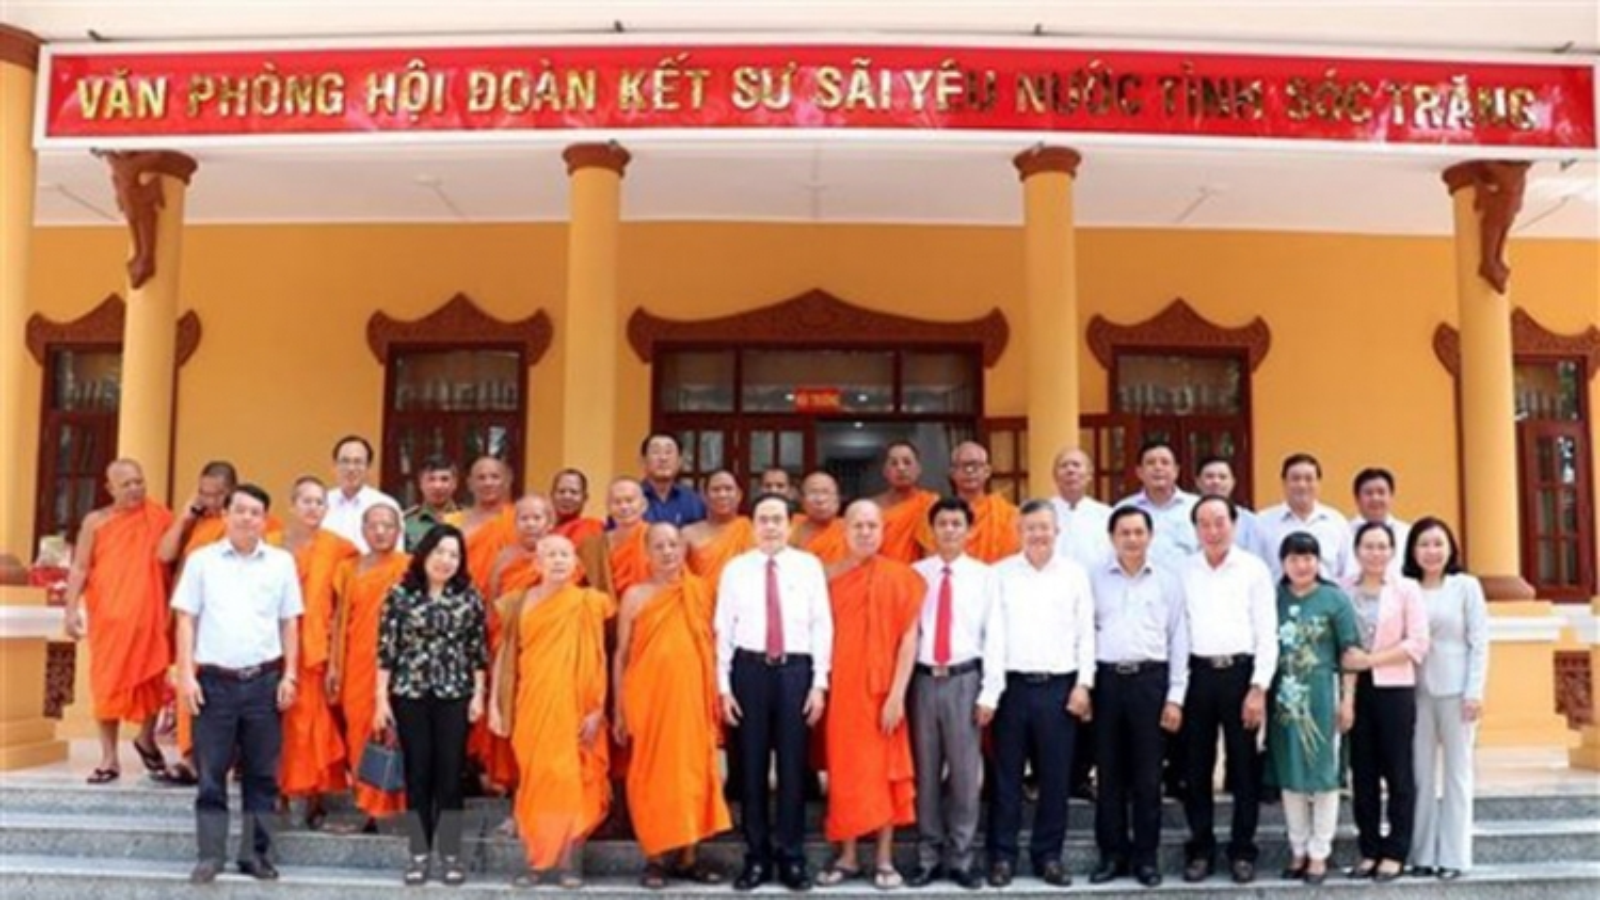 Vice NA Chairman pays Chol Chnam Thmay visit to Soc Trang